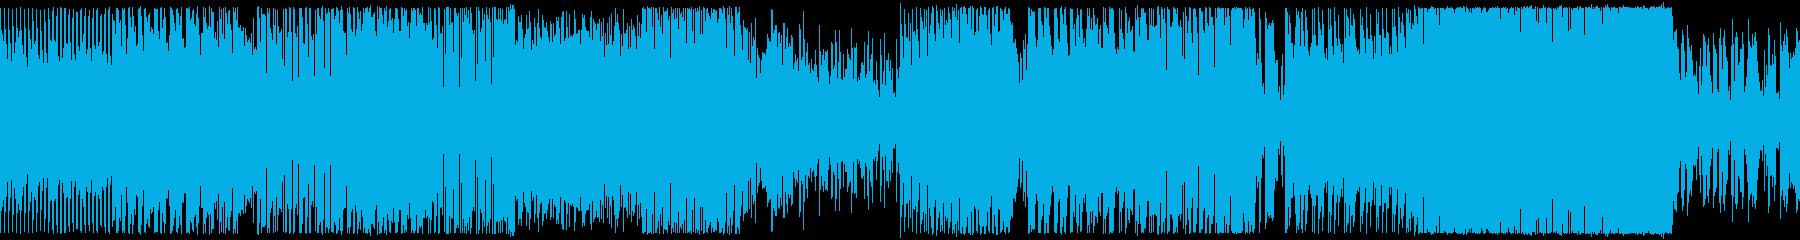 レトロゲームっぽい懐かしい雰囲気のBGMの再生済みの波形